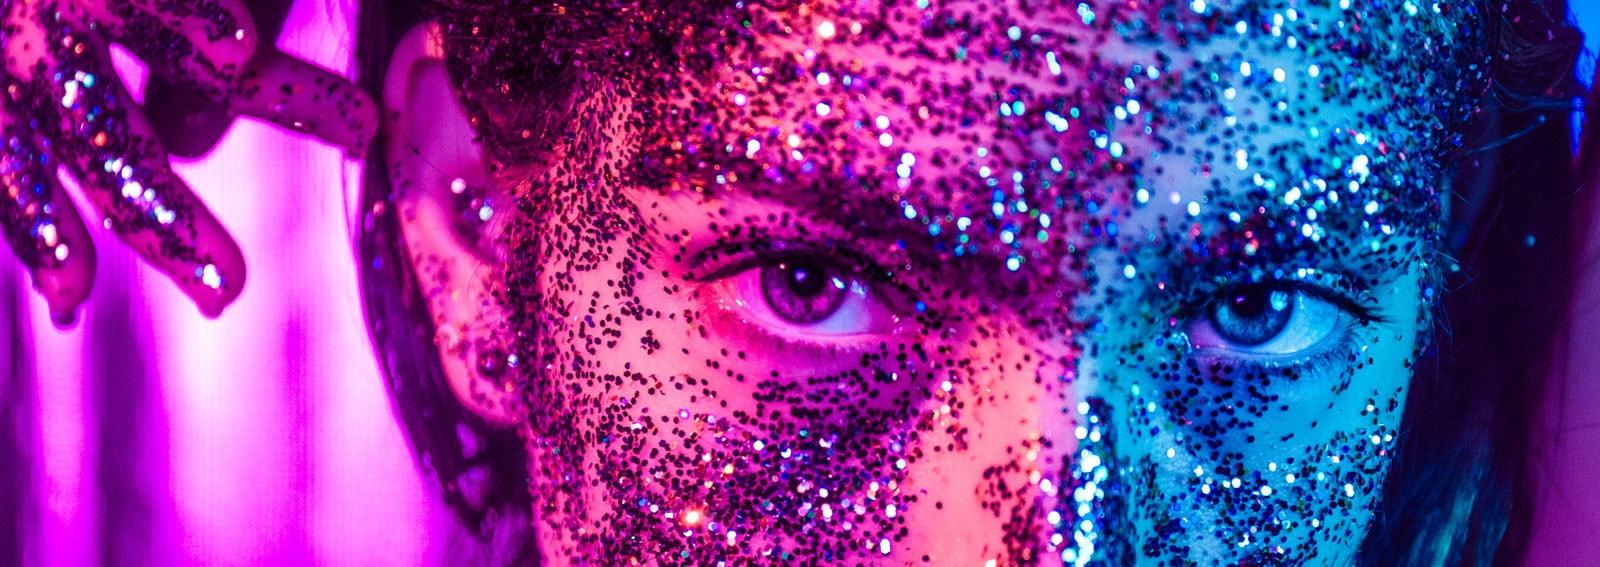 glitter-lashes-ciglia-glitterate-cover-desktop-01